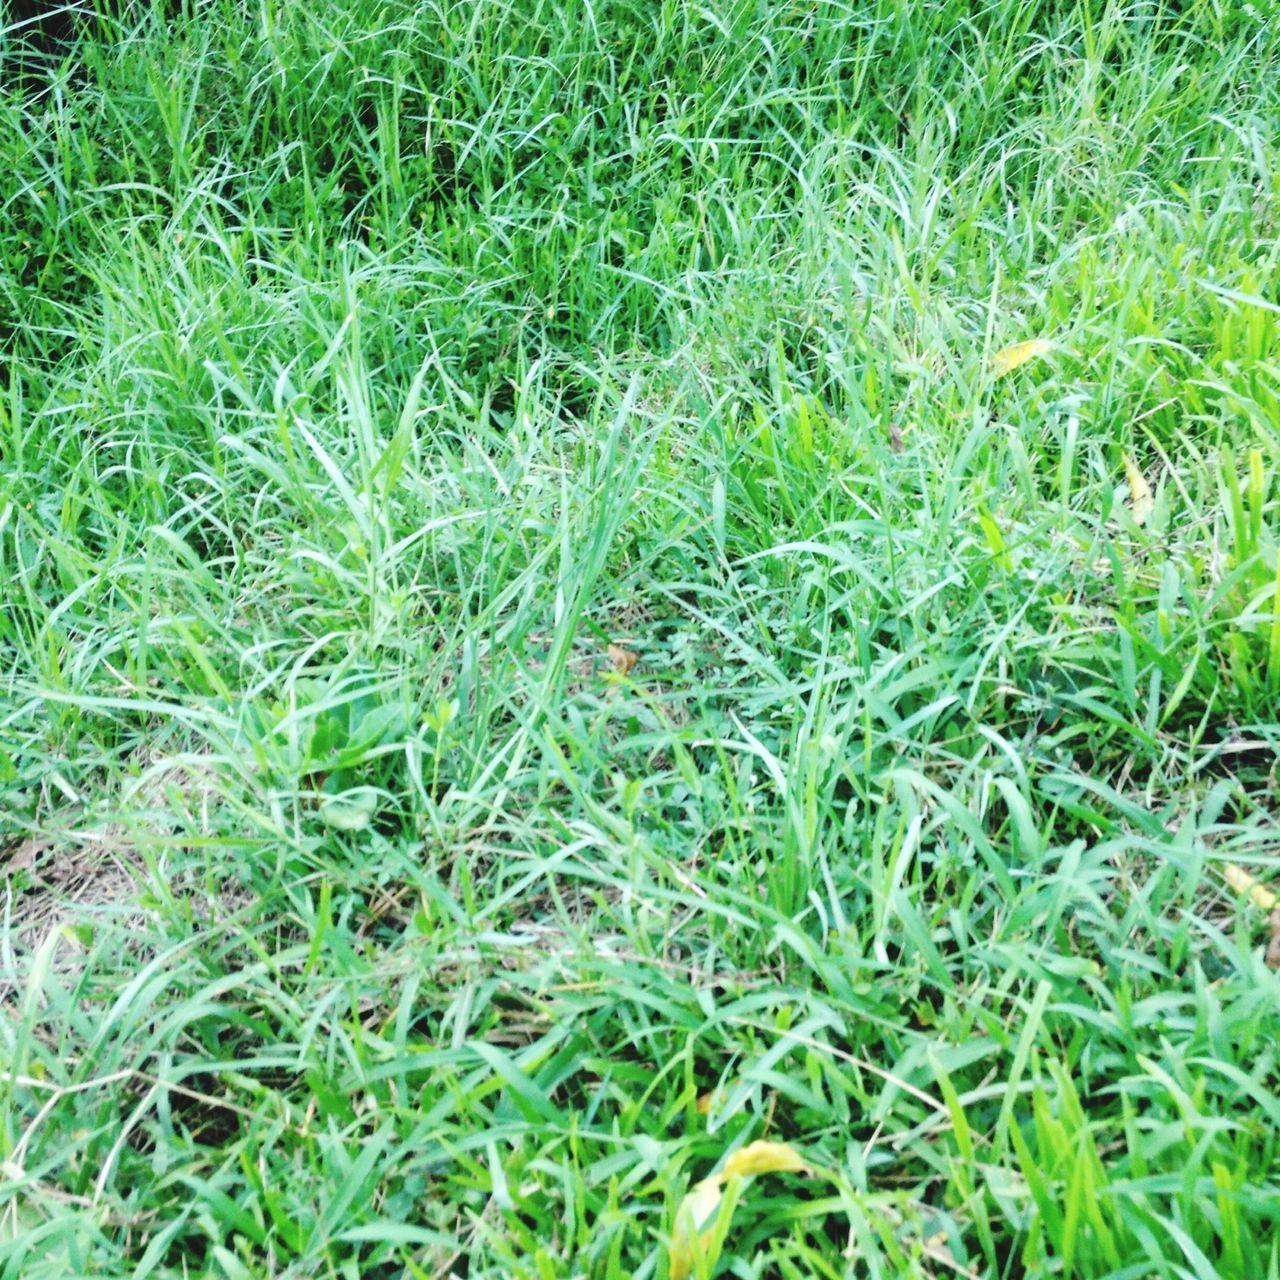 Rumput yg bergoyang nan asri